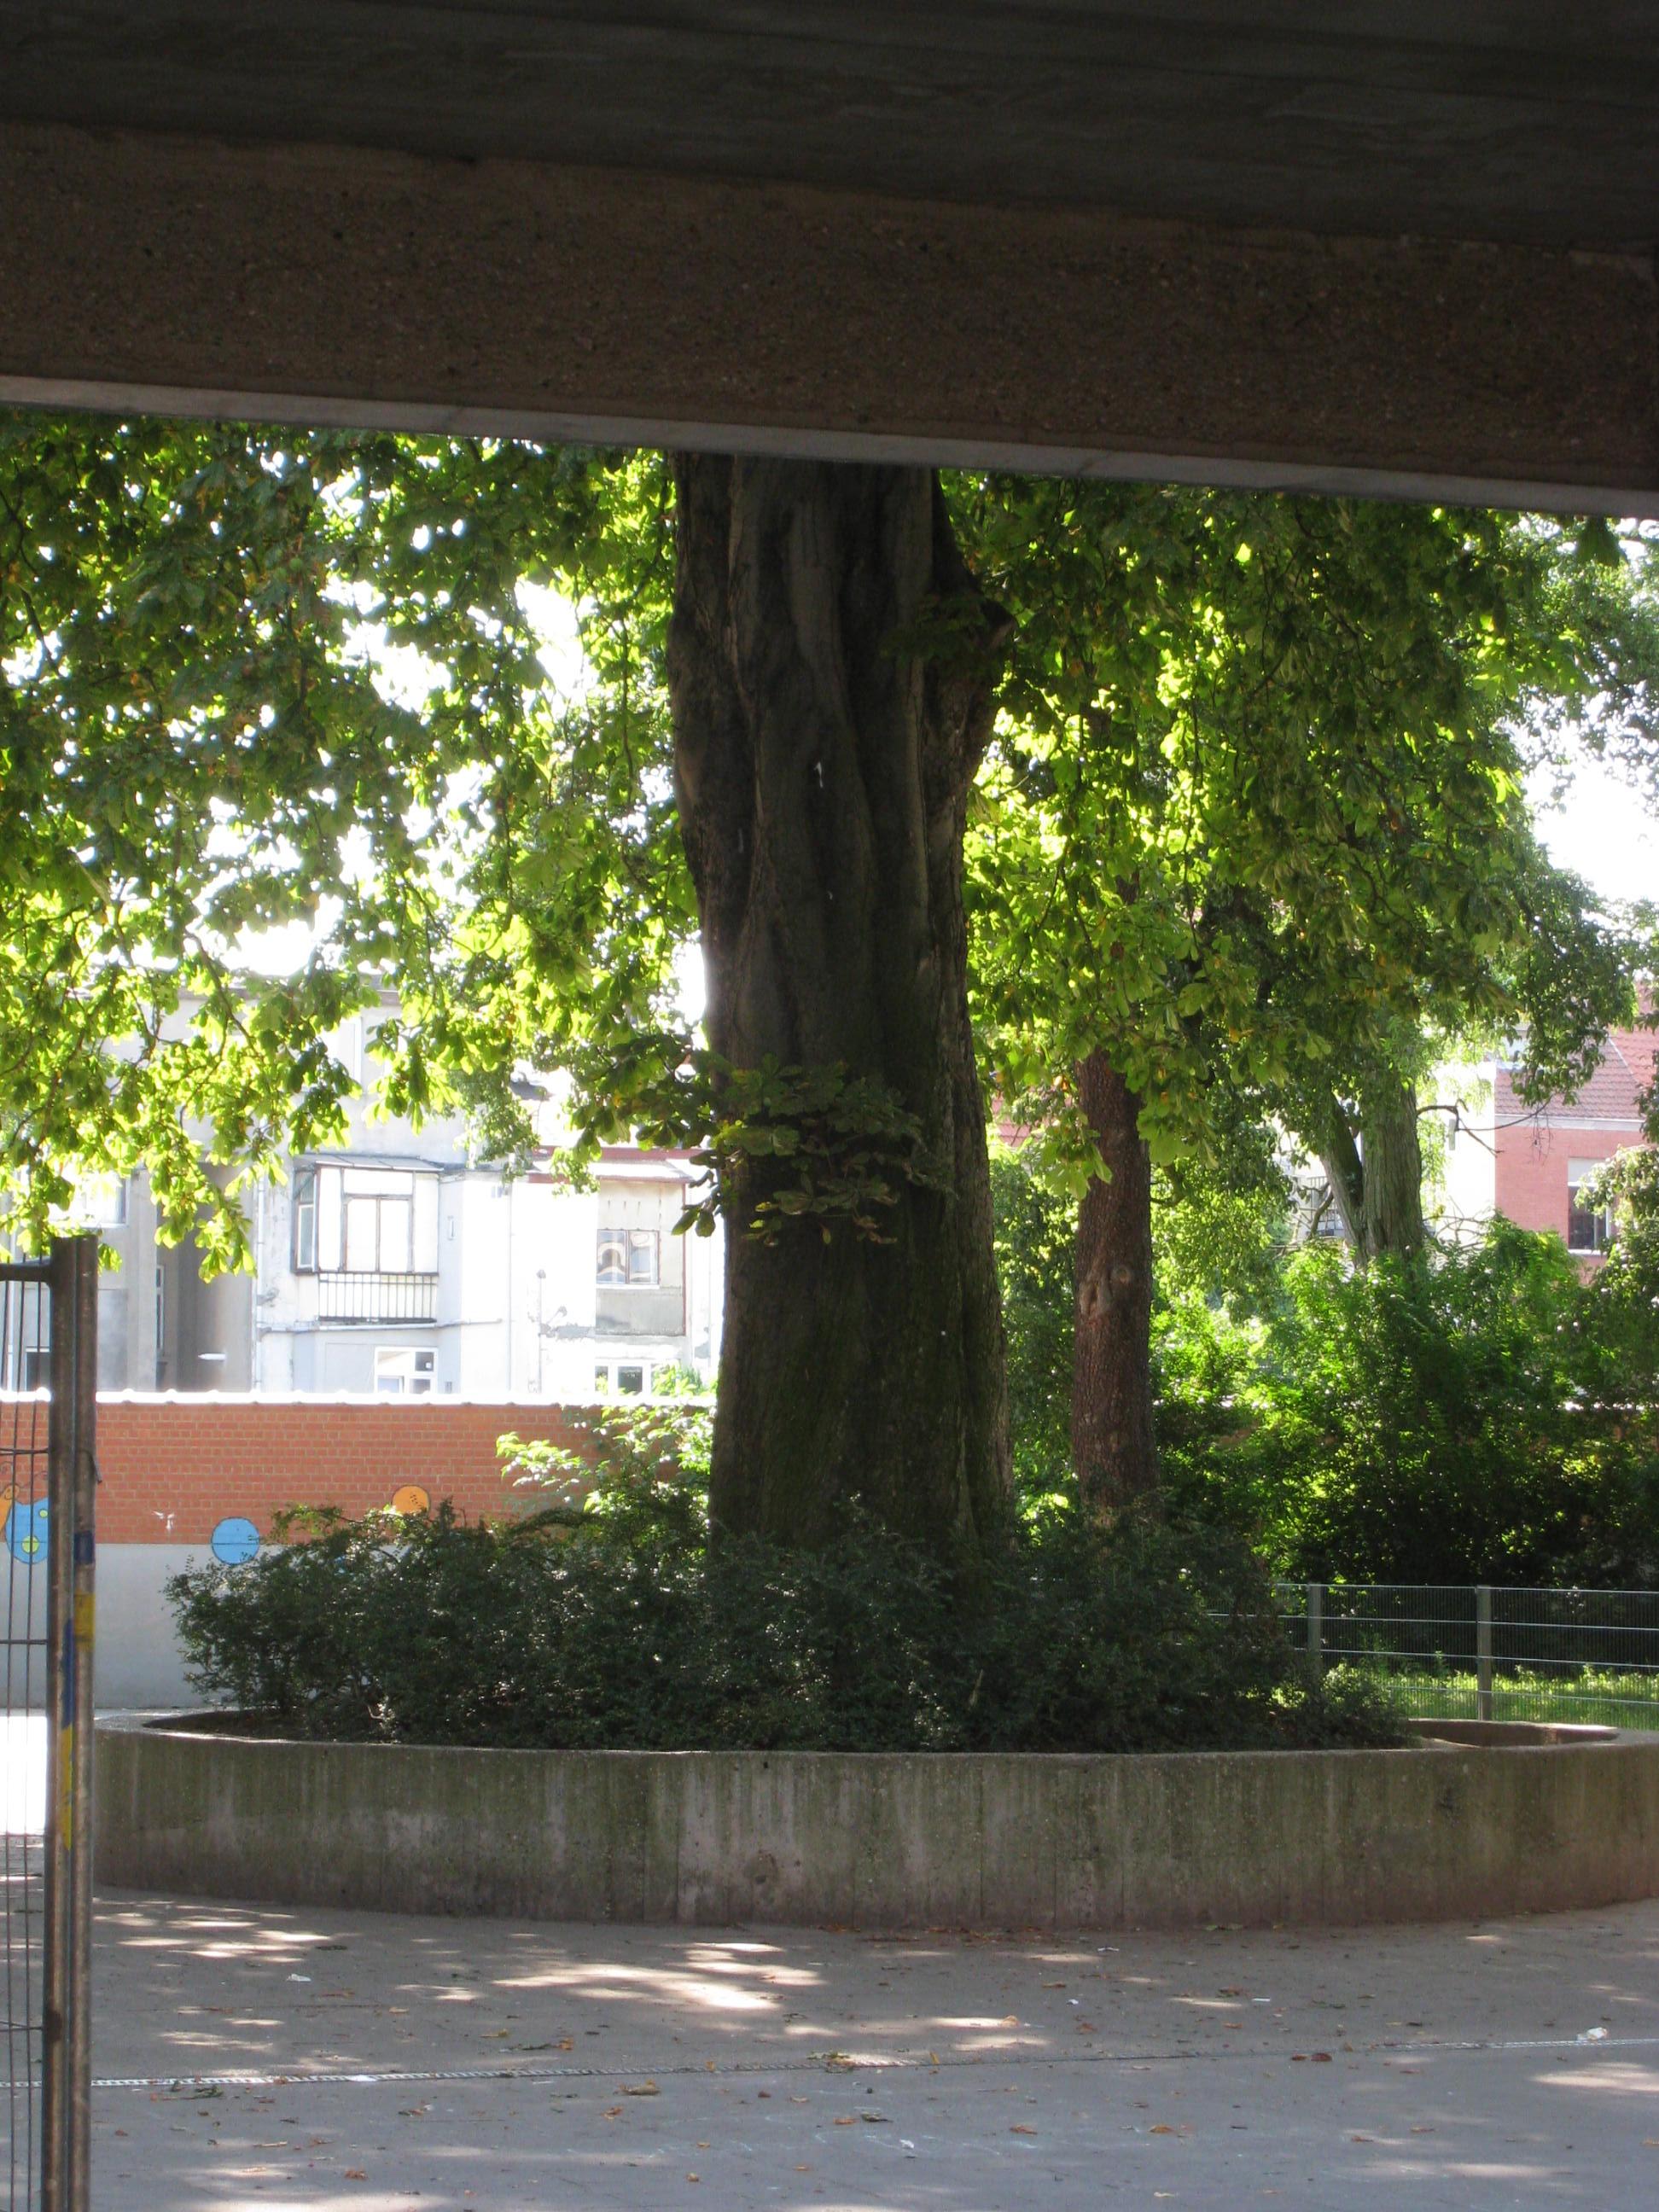 Marronnier commun – Anderlecht, Rue de Veeweyde, 80 –  25 Juillet 2008